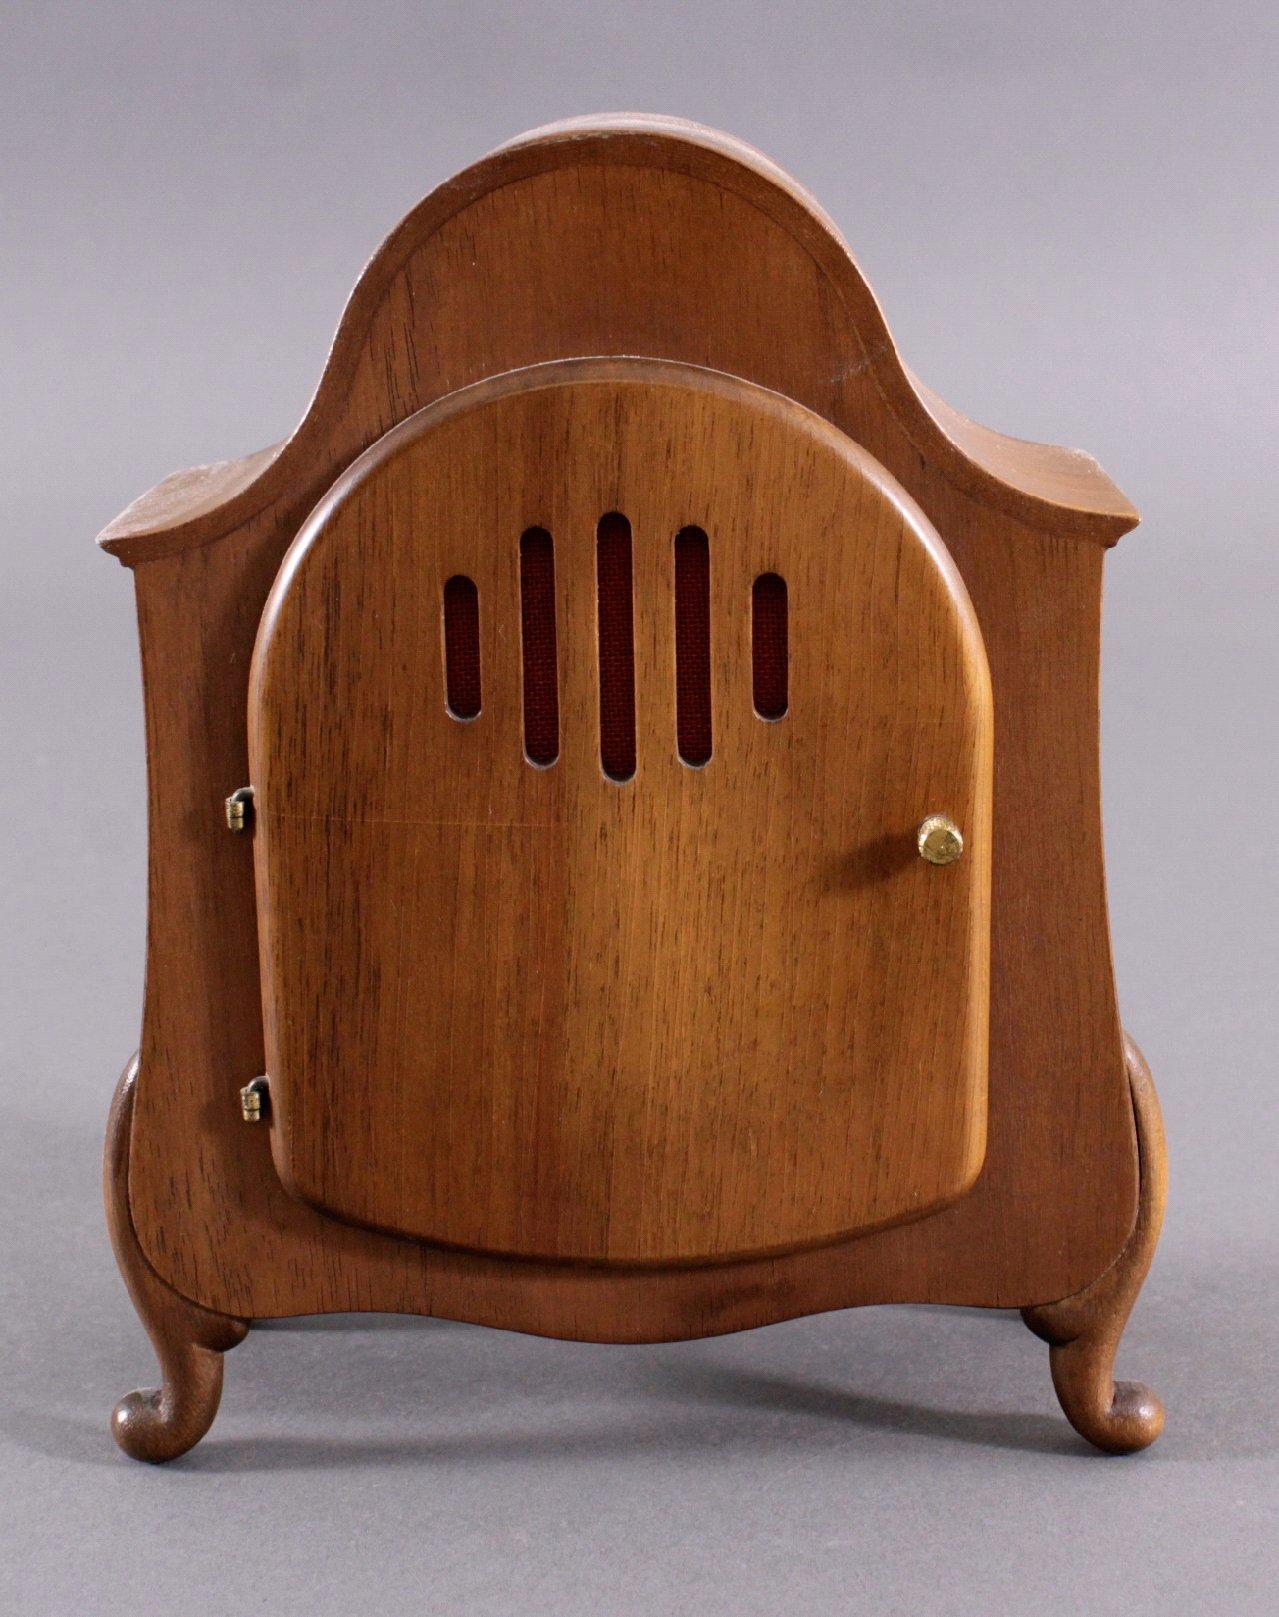 junghans tischuhr aus den 70er 80er jahren badisches auktionshaus. Black Bedroom Furniture Sets. Home Design Ideas